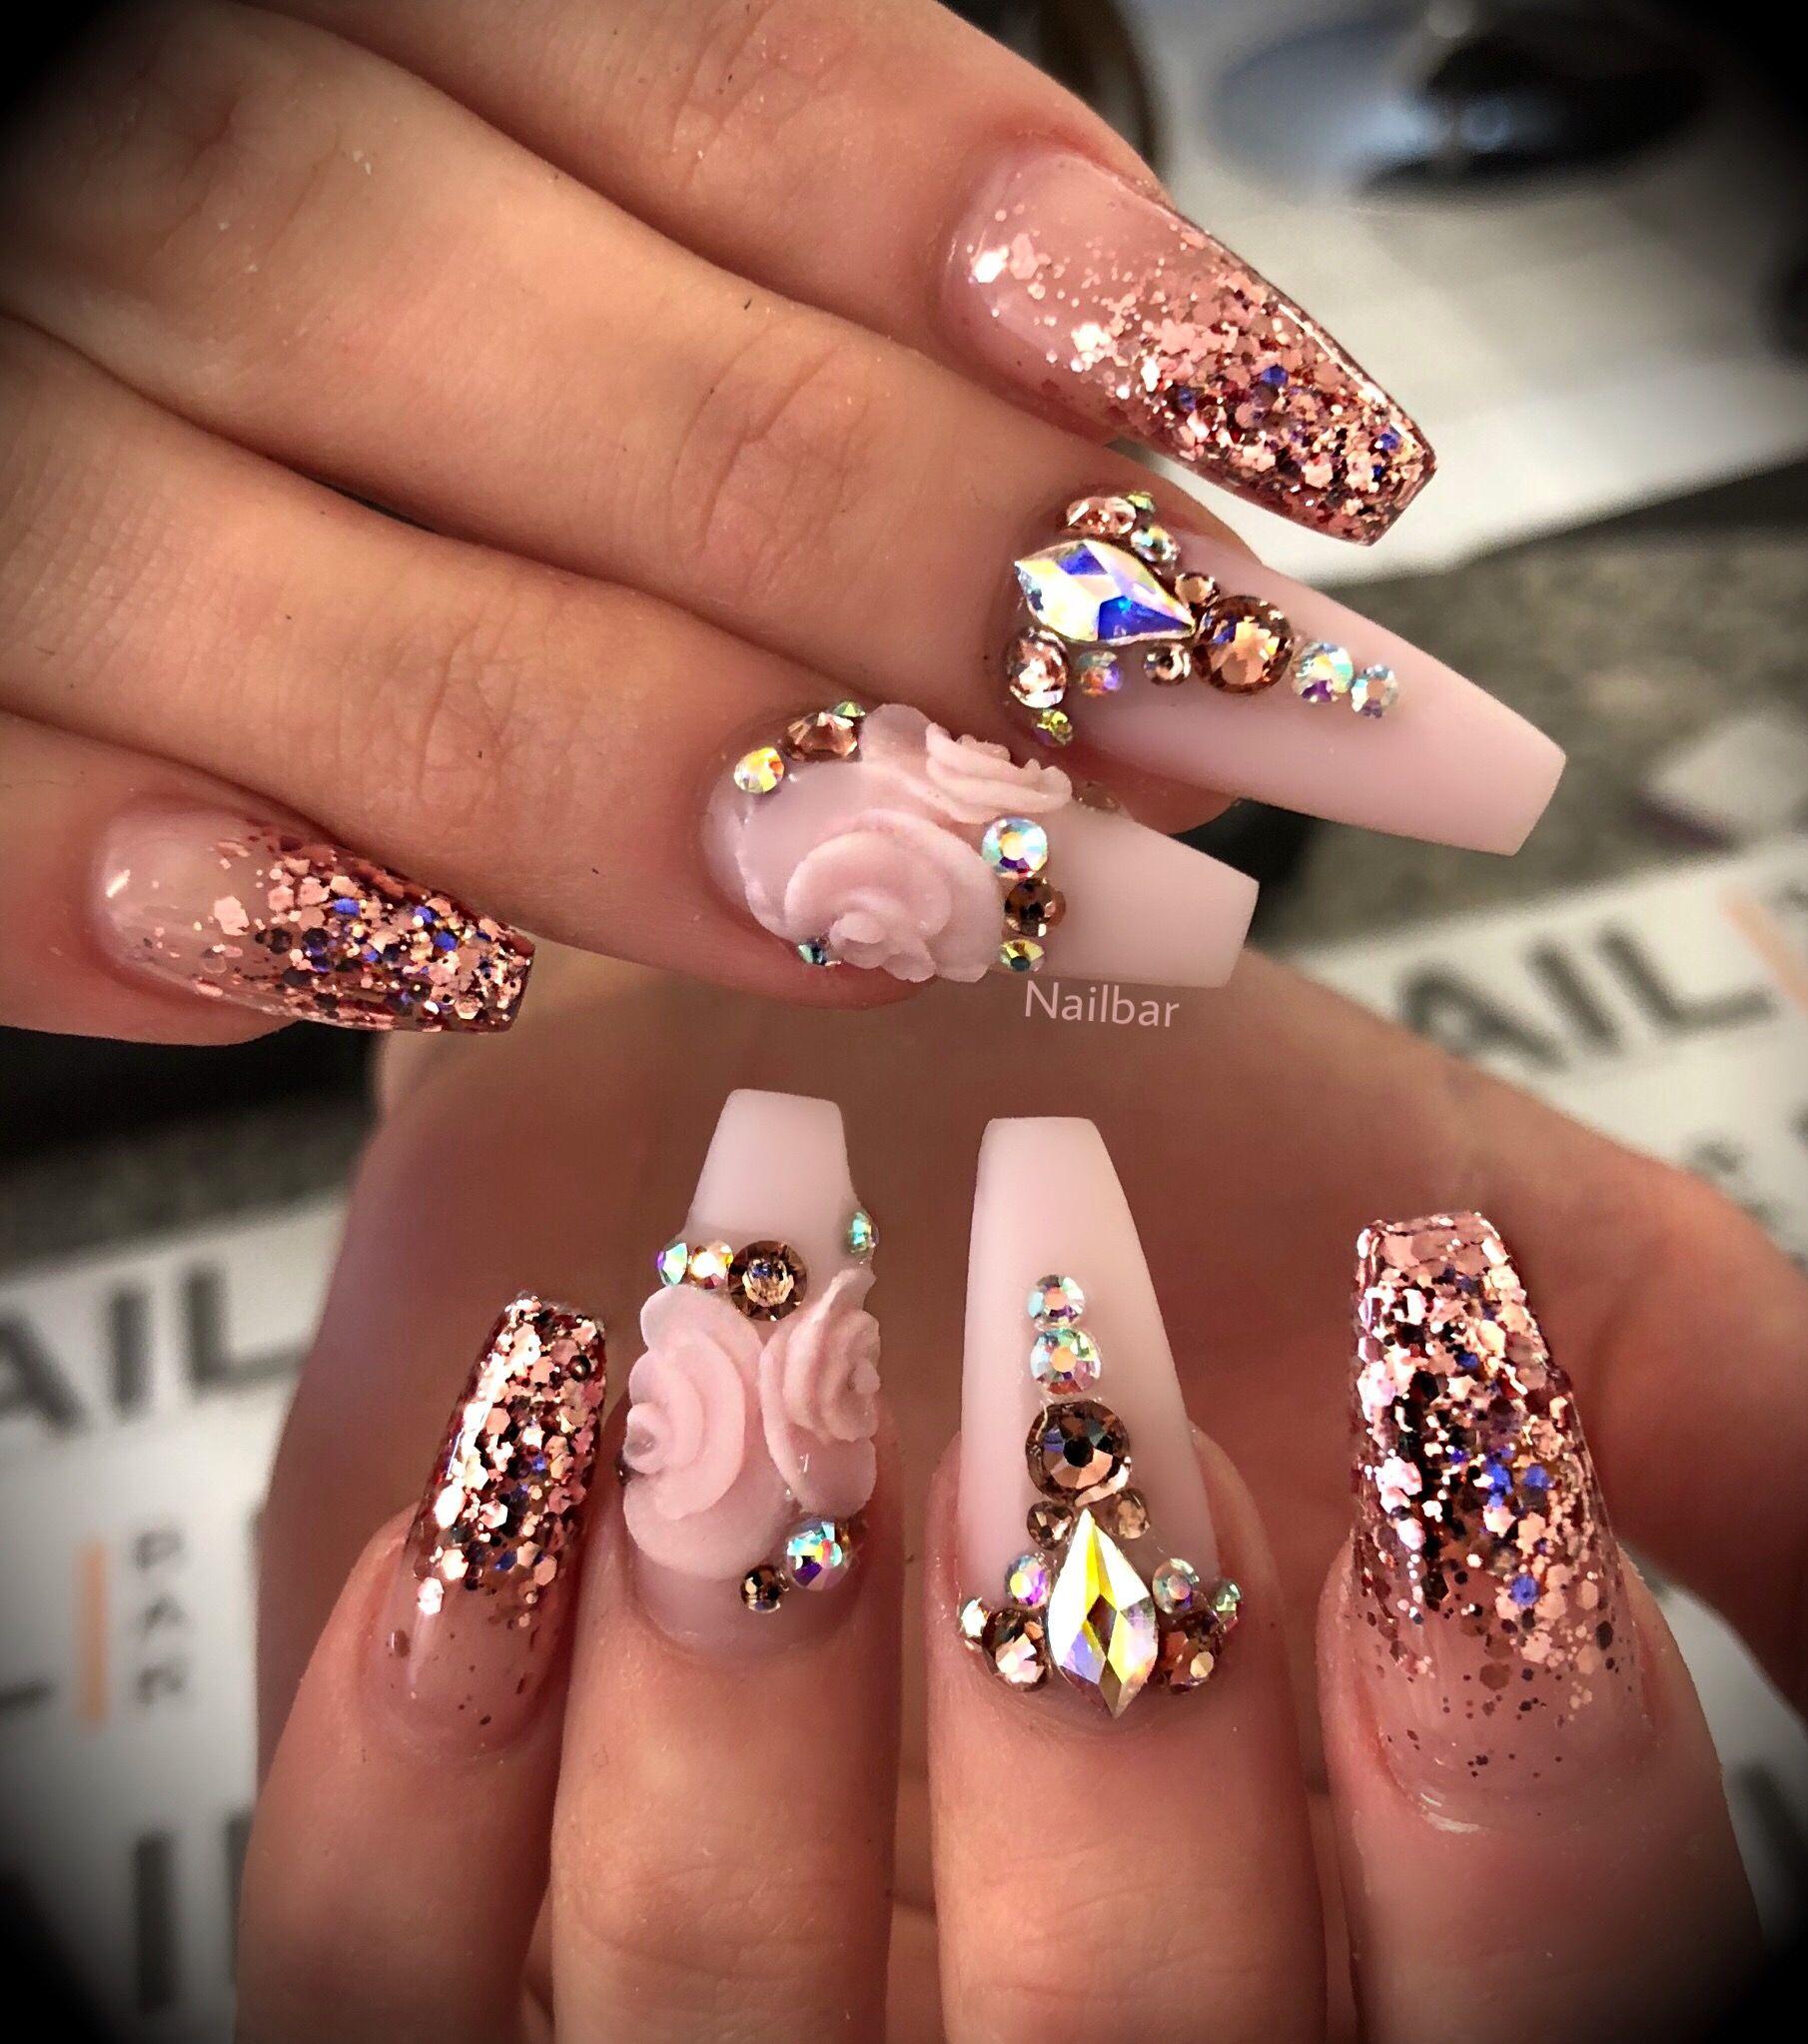 Nail Dip Powder Nyc: Lecenté New York Pink Multi Glitz Nails By Nail Bar